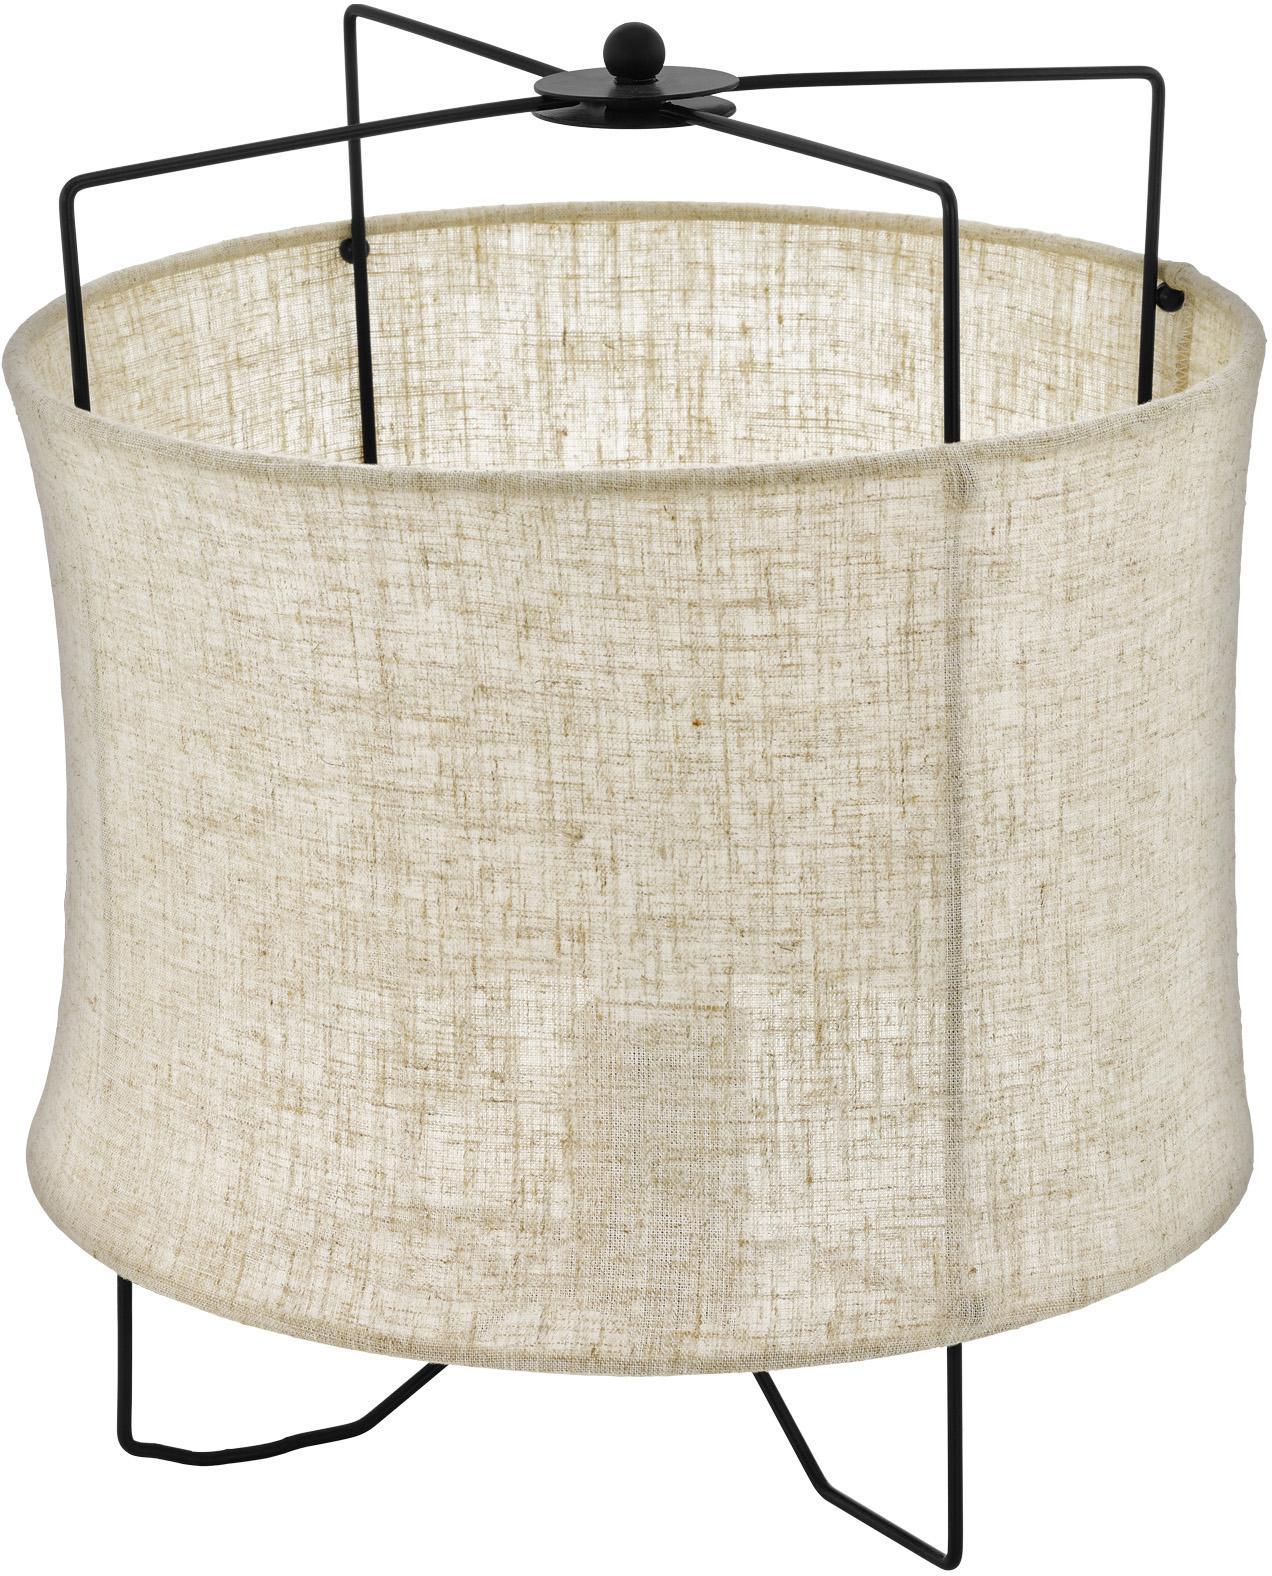 Tischleuchte Bridekirk, Lampenschirm: Leinen, Beige, Ø 30 x H 34 cm